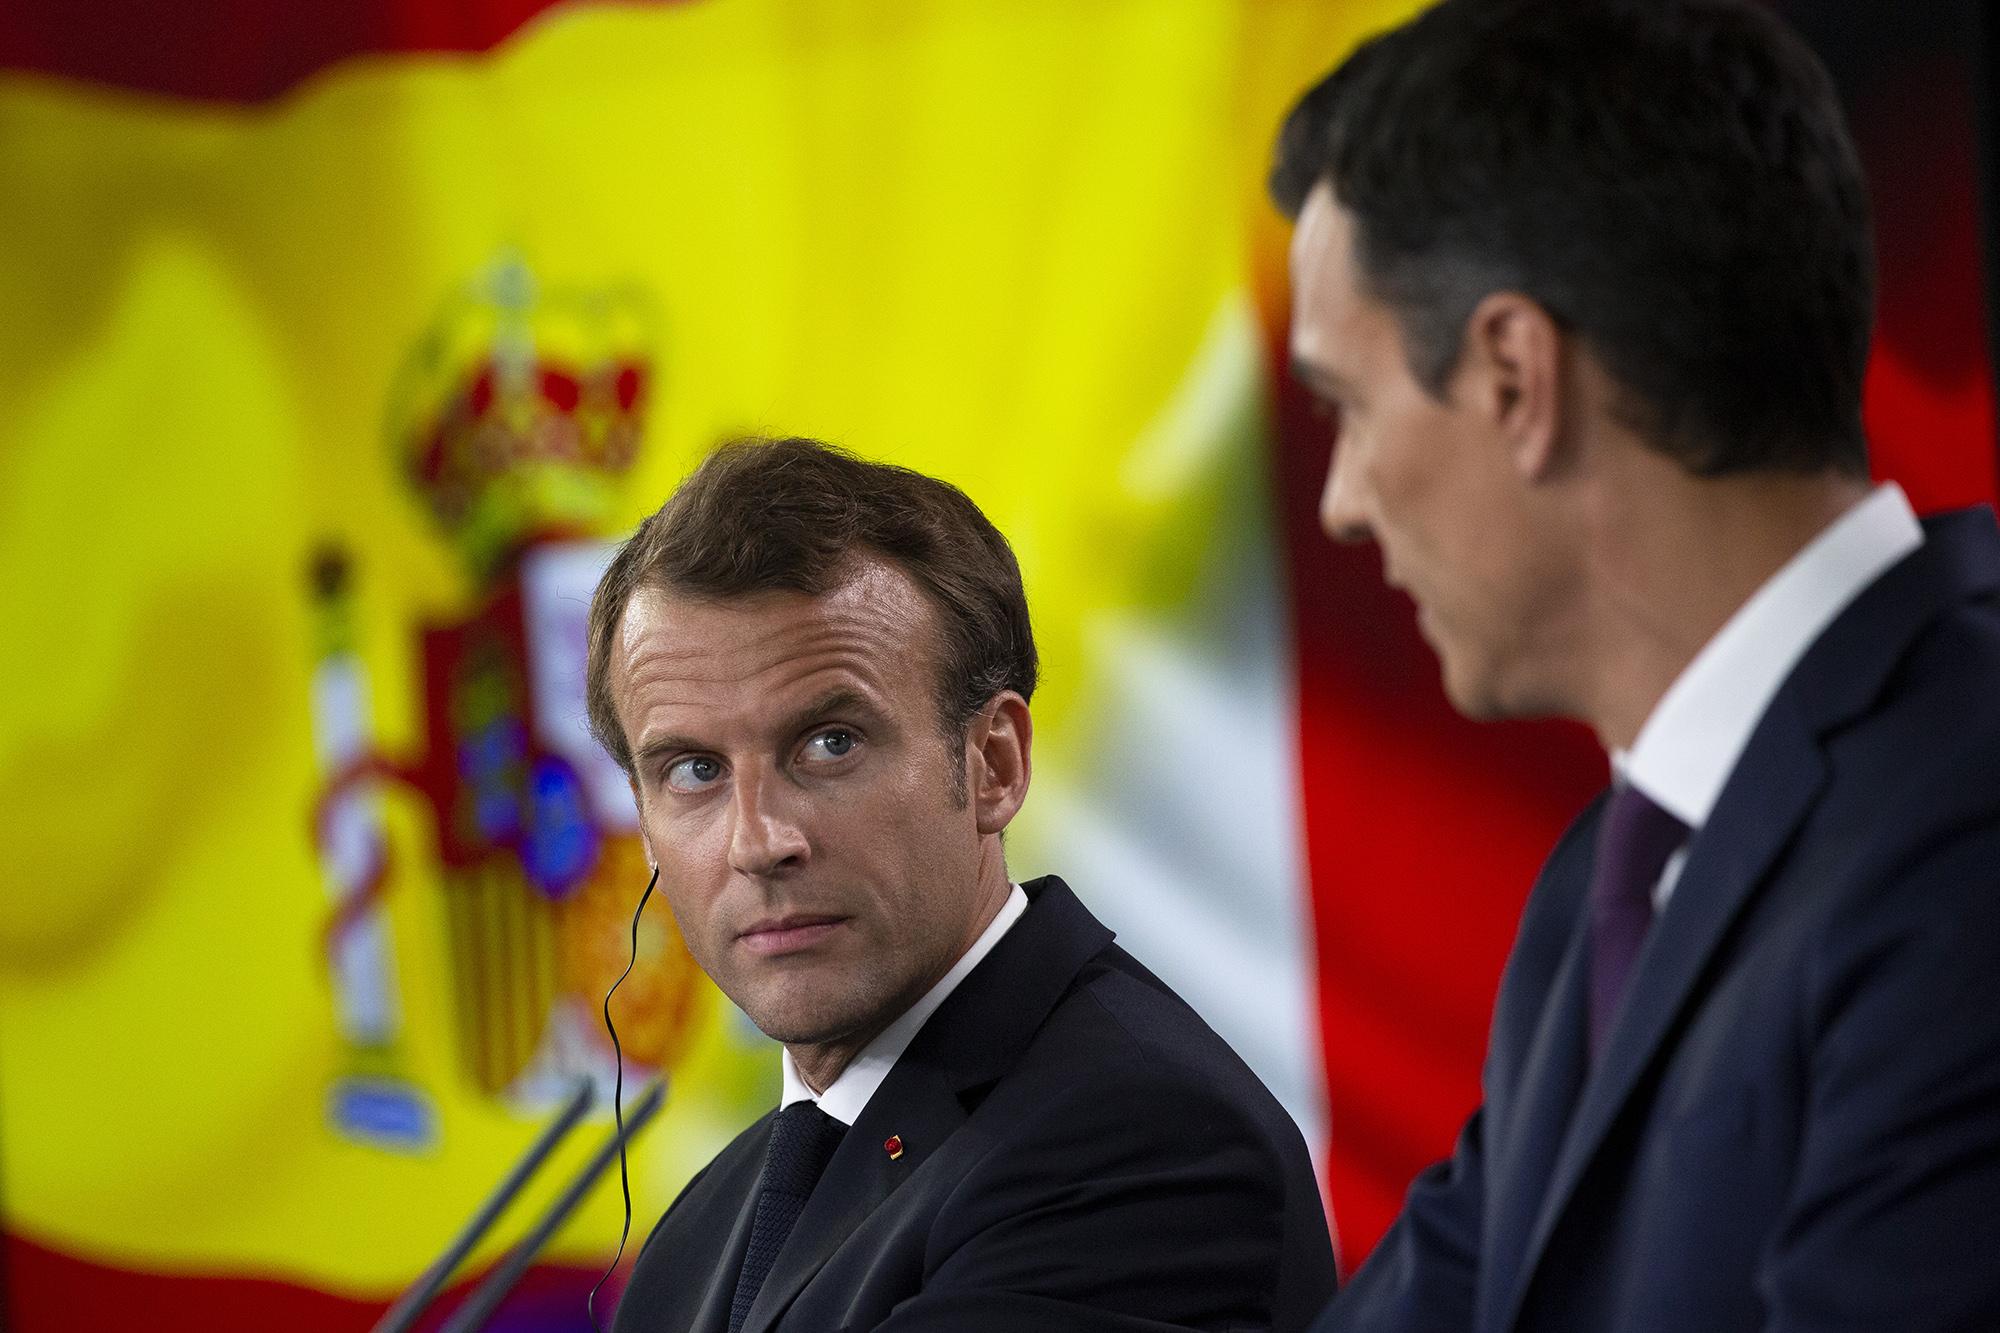 La tercera vía y España, o por qué Sánchez no es Macron